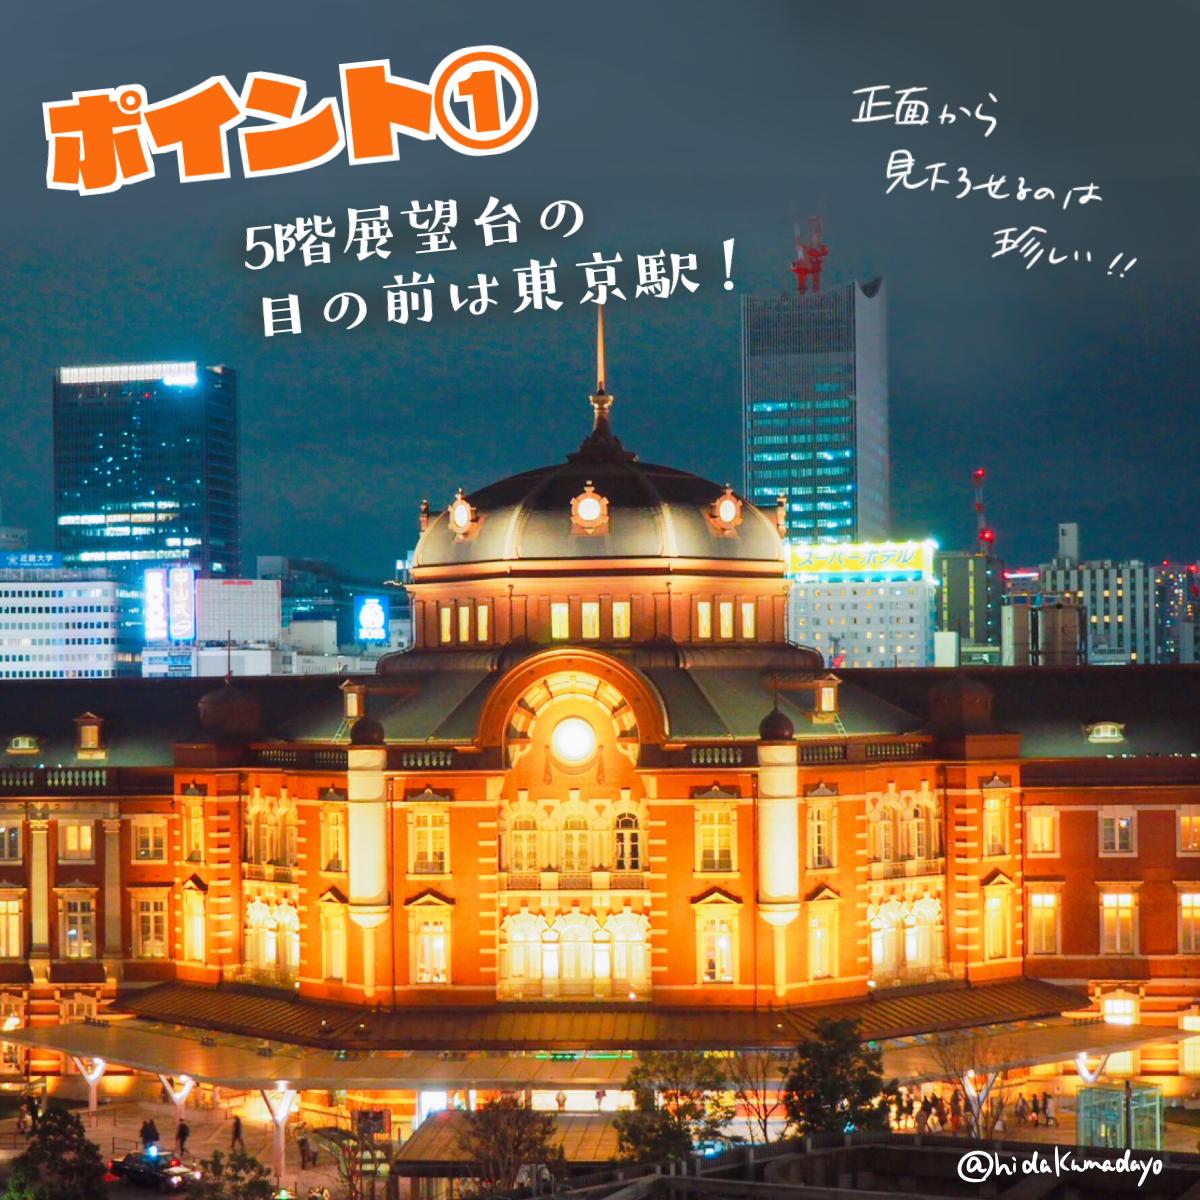 f:id:hidakumadayo:20190318220328p:plain